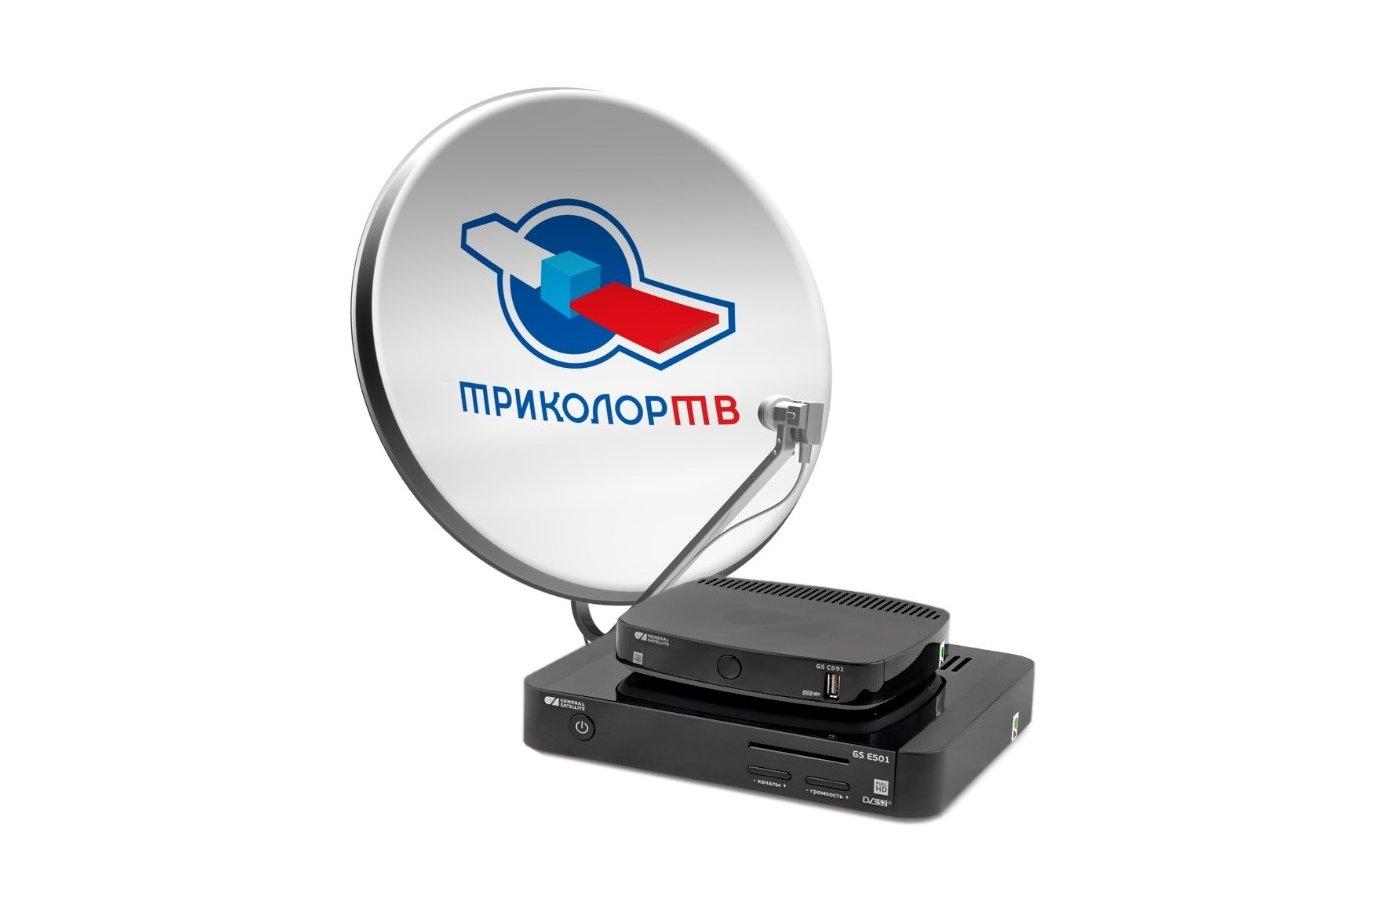 Спутниковое ТВ Триколор Сибирь GS E501 + GS C5911 (на 2 ТВ)